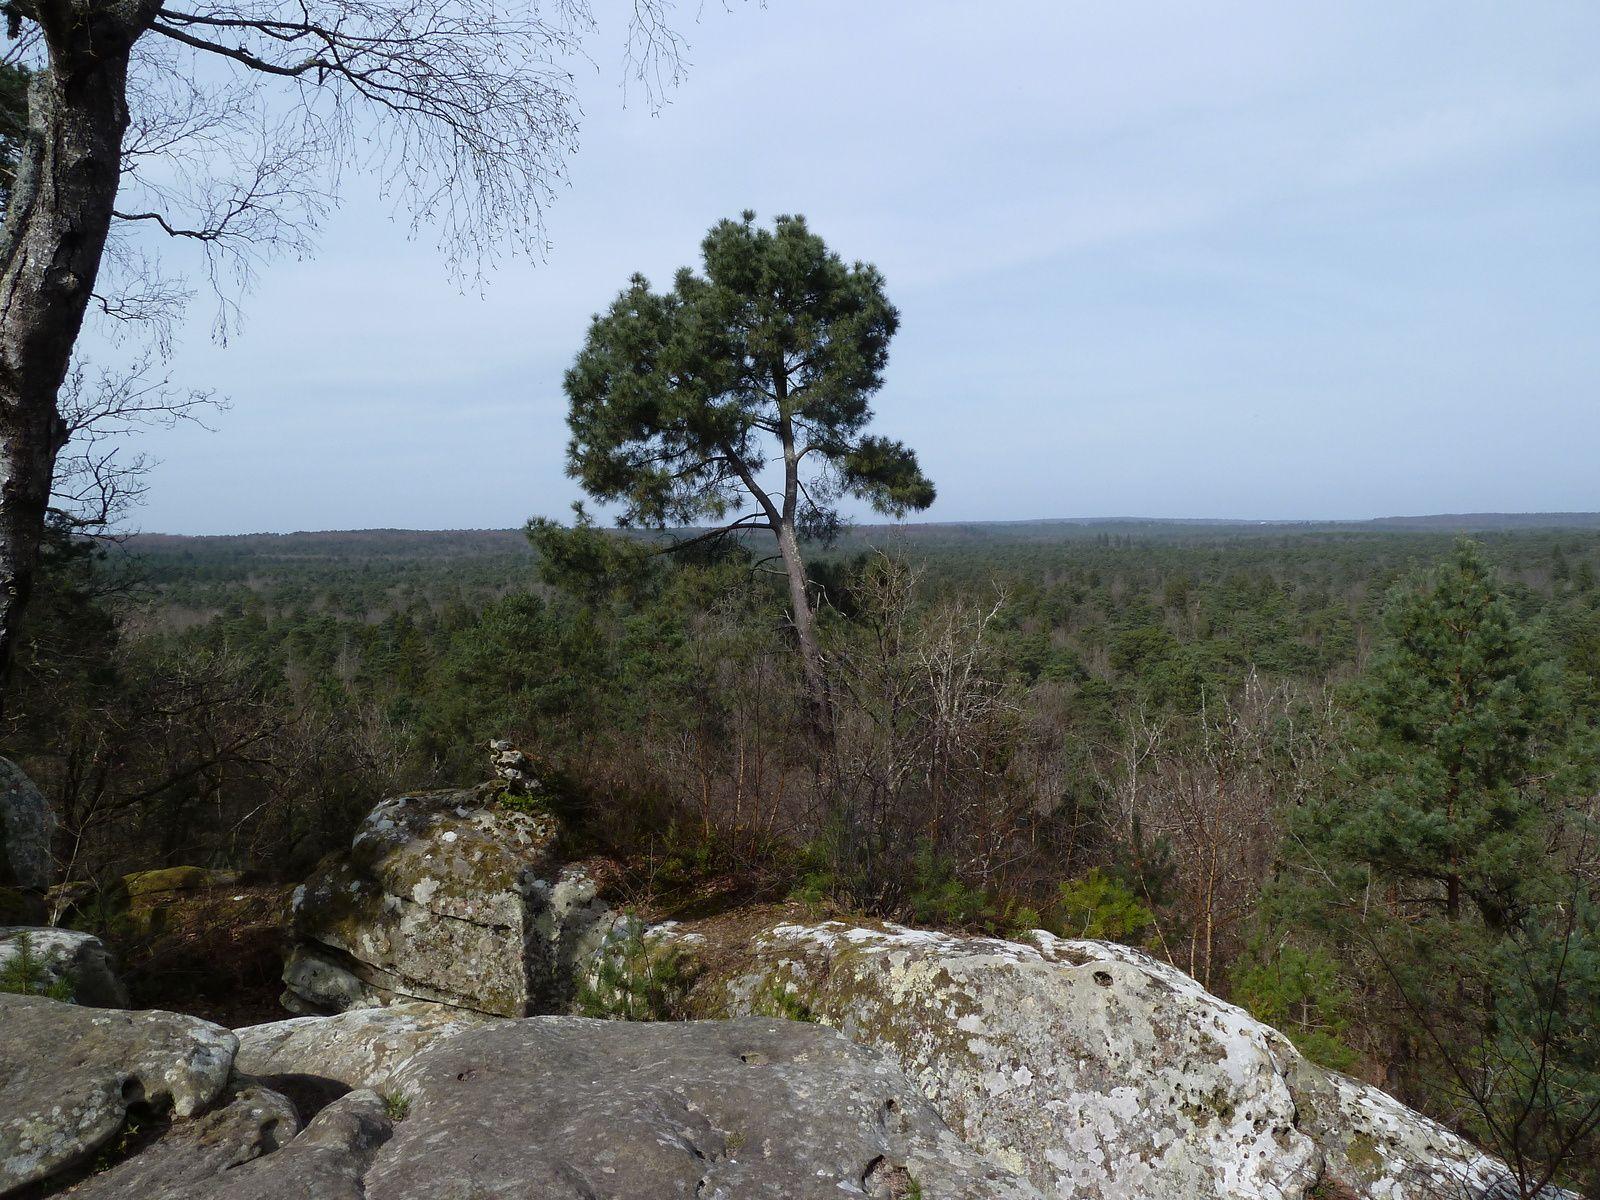 Nous nous arrêtons quelques minutes pour admirer le joli point de vue sur le domaine forestier tout près de la grotte.